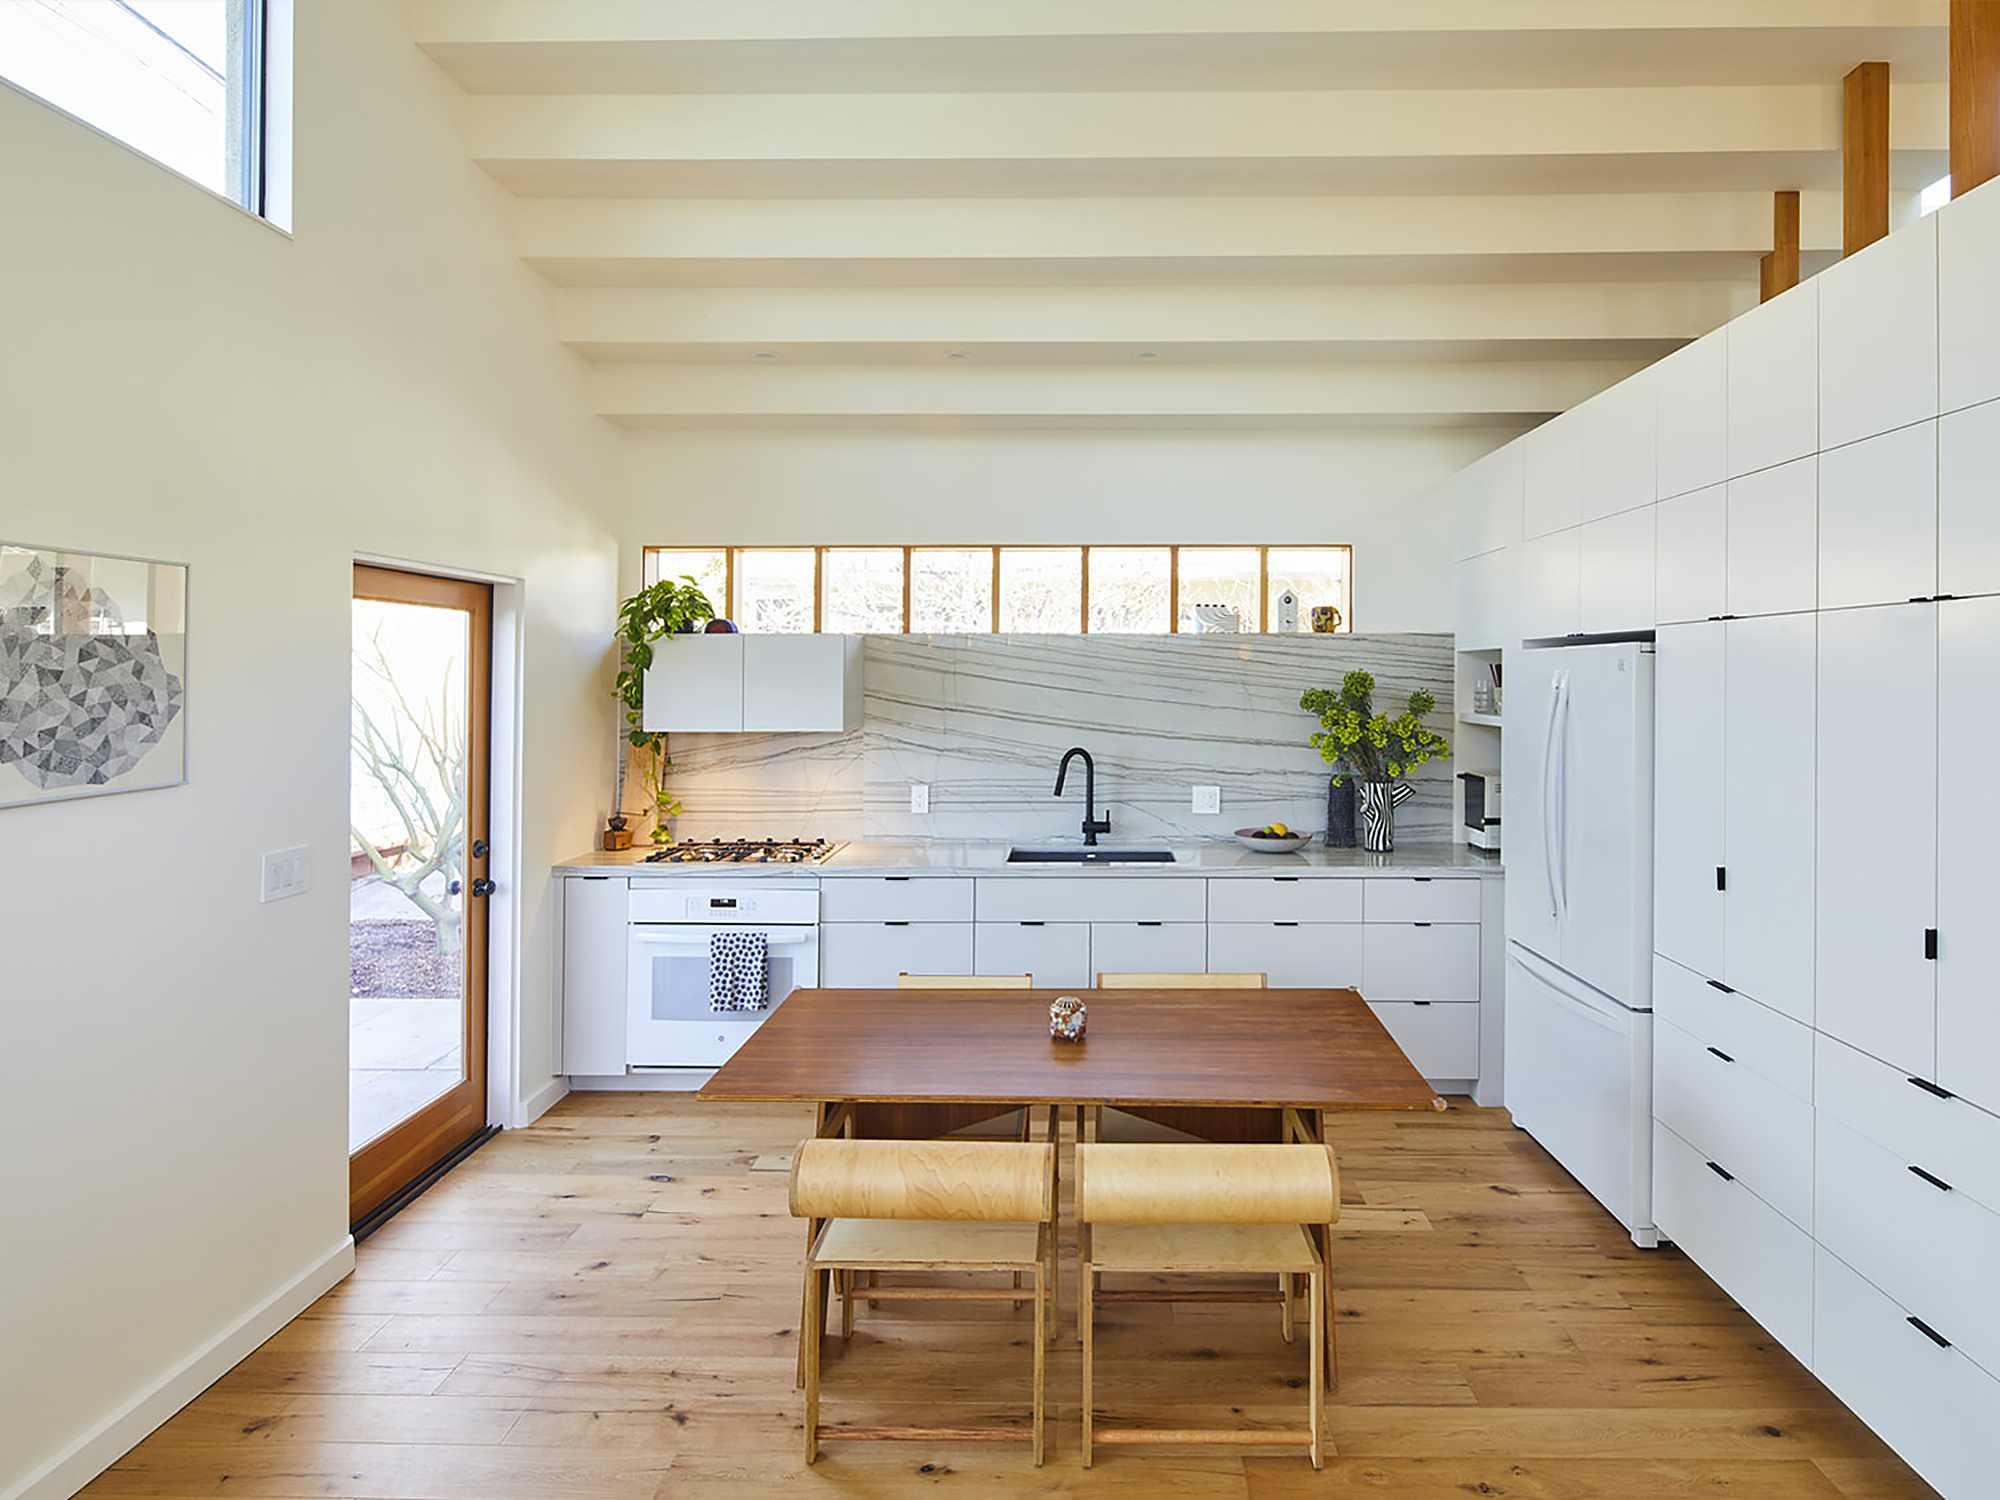 Highland Park ADU by Bunch Design kitchen